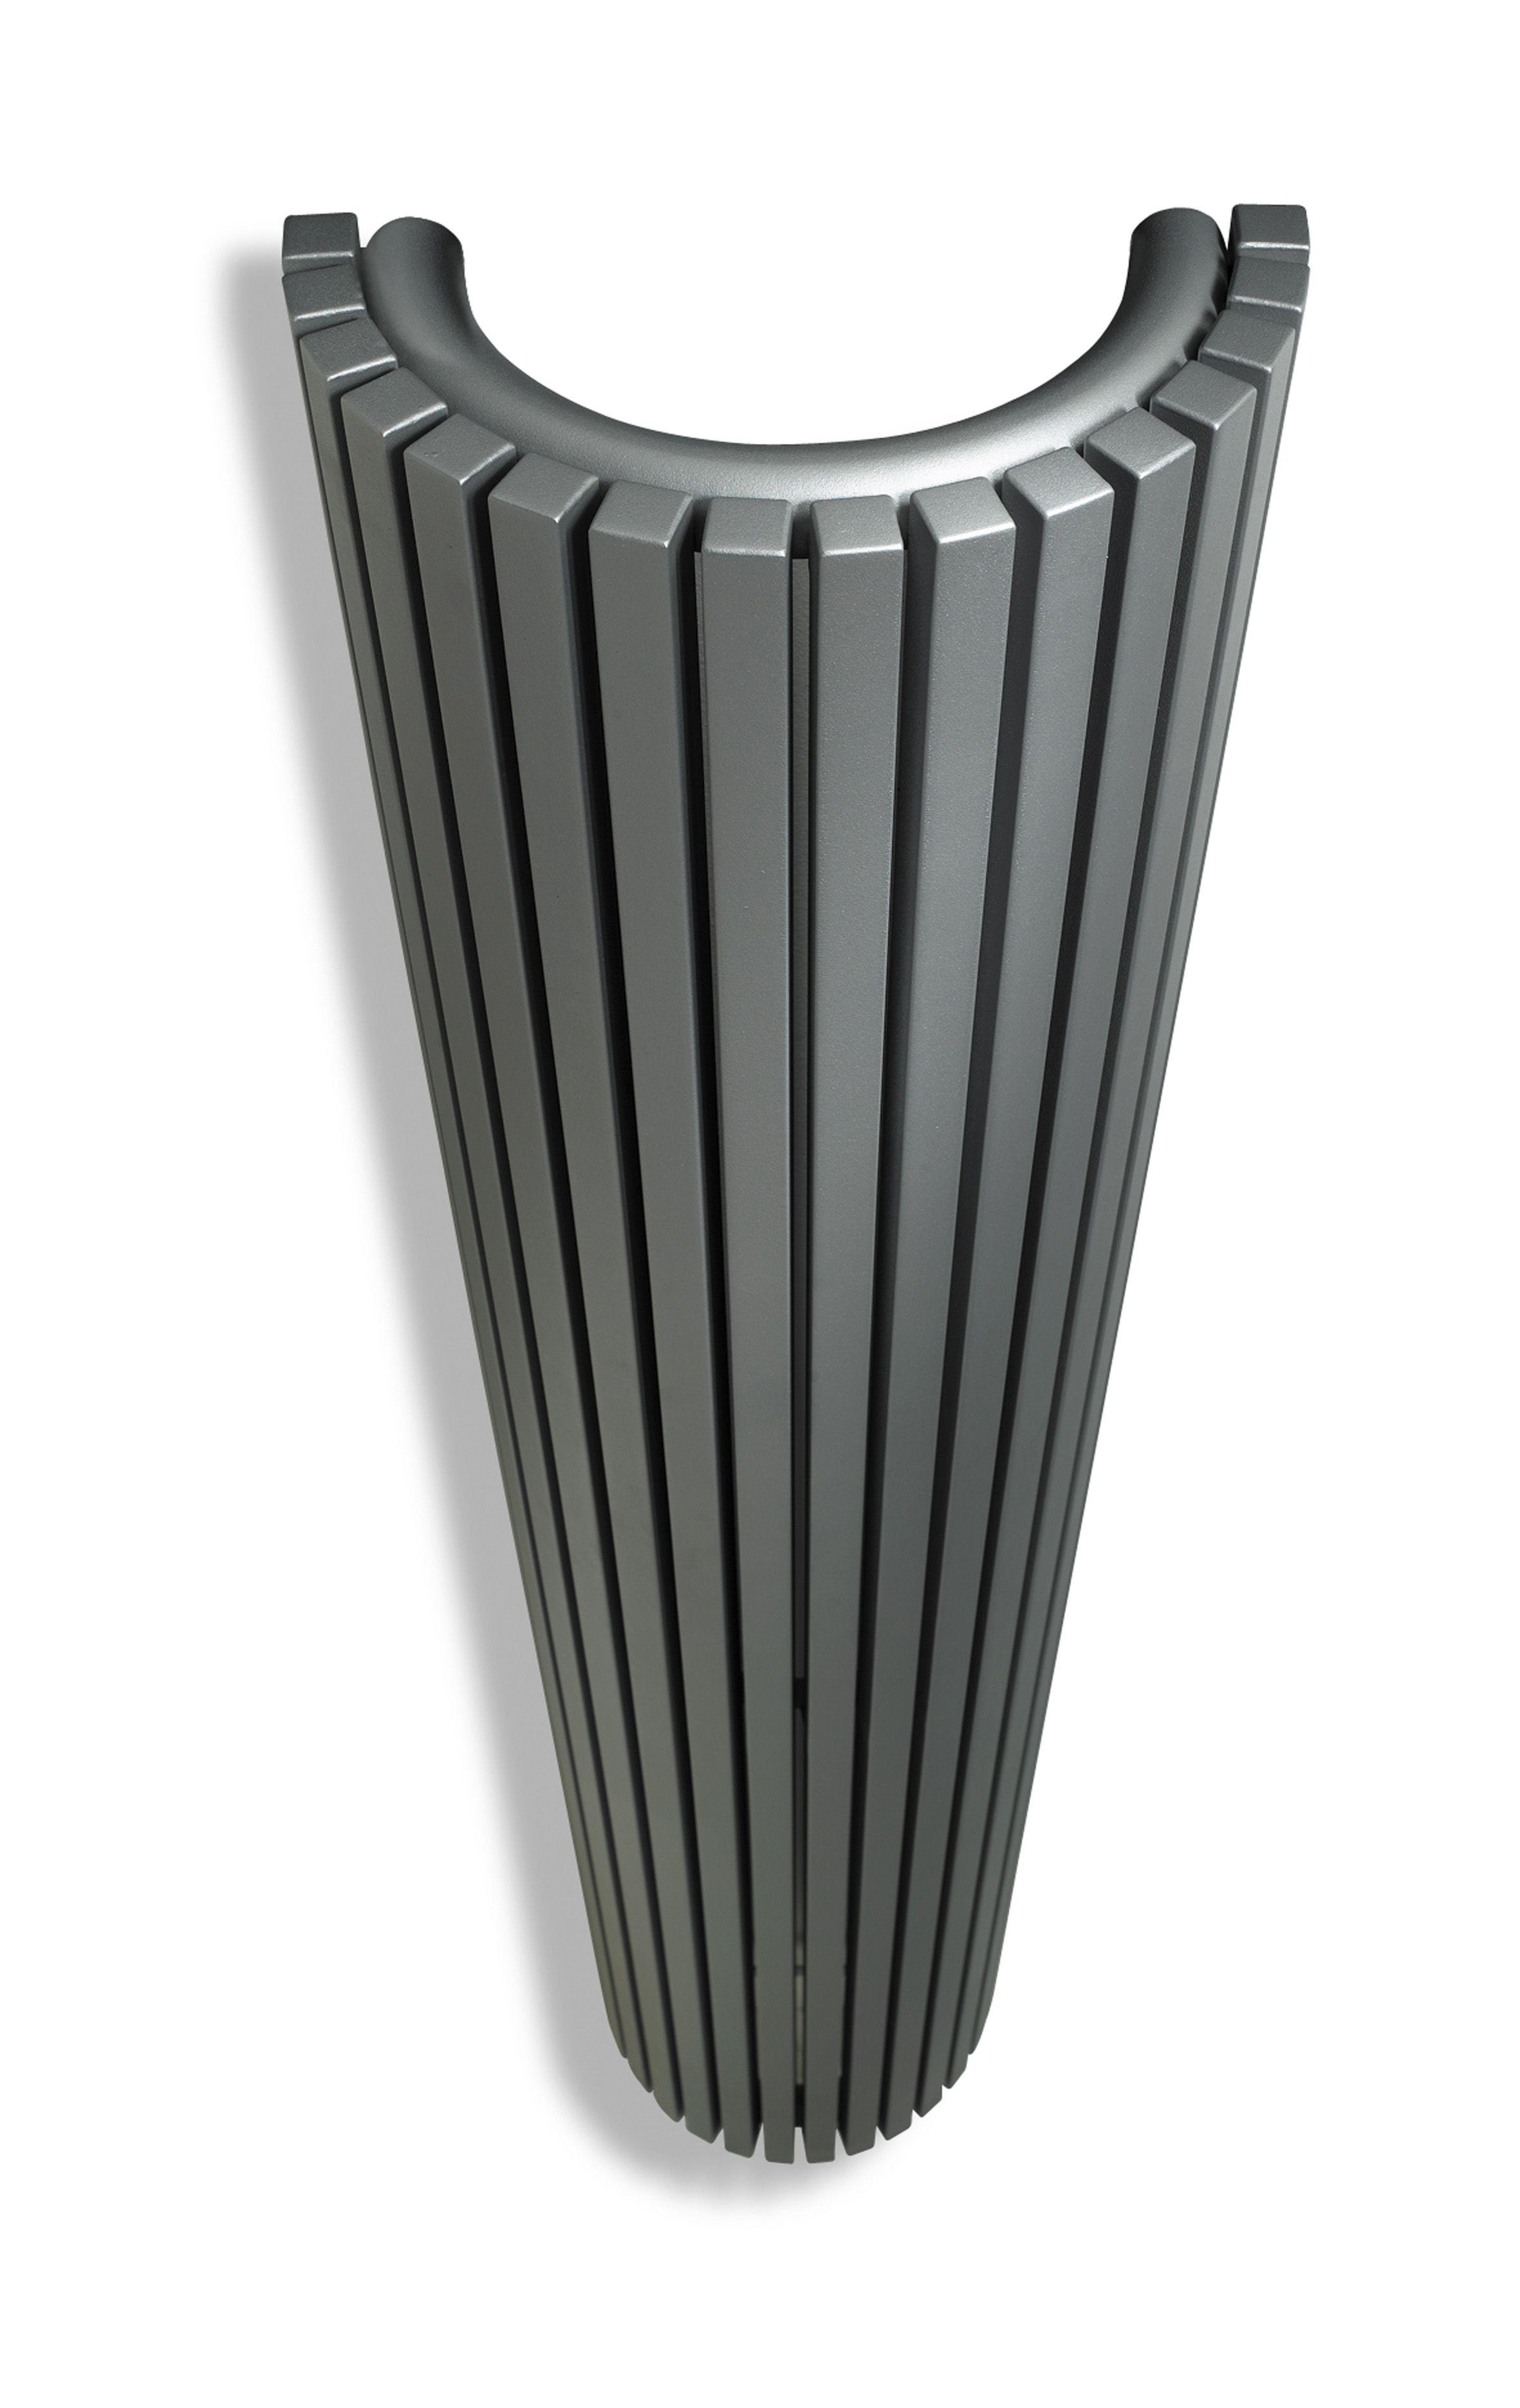 #62696822408788 Radiateur Vertical Mural En Acier CARRE' PLUS Radiateur Mural  Van de bovenste plank Design Radiator Badkamer Verticaal 2813 beeld 236237412813 Inspiratie